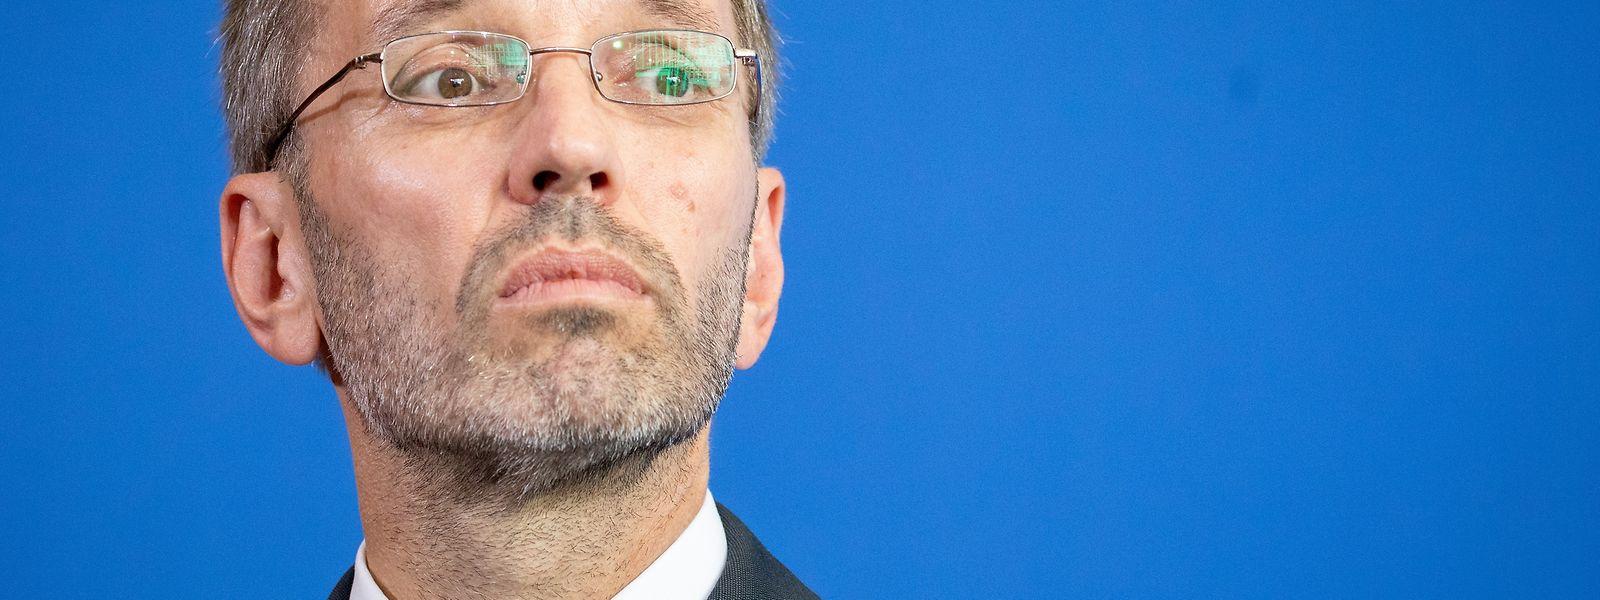 Herbert Kickl (FPÖ), Innenminister von Österreich, droht die Entlassung.